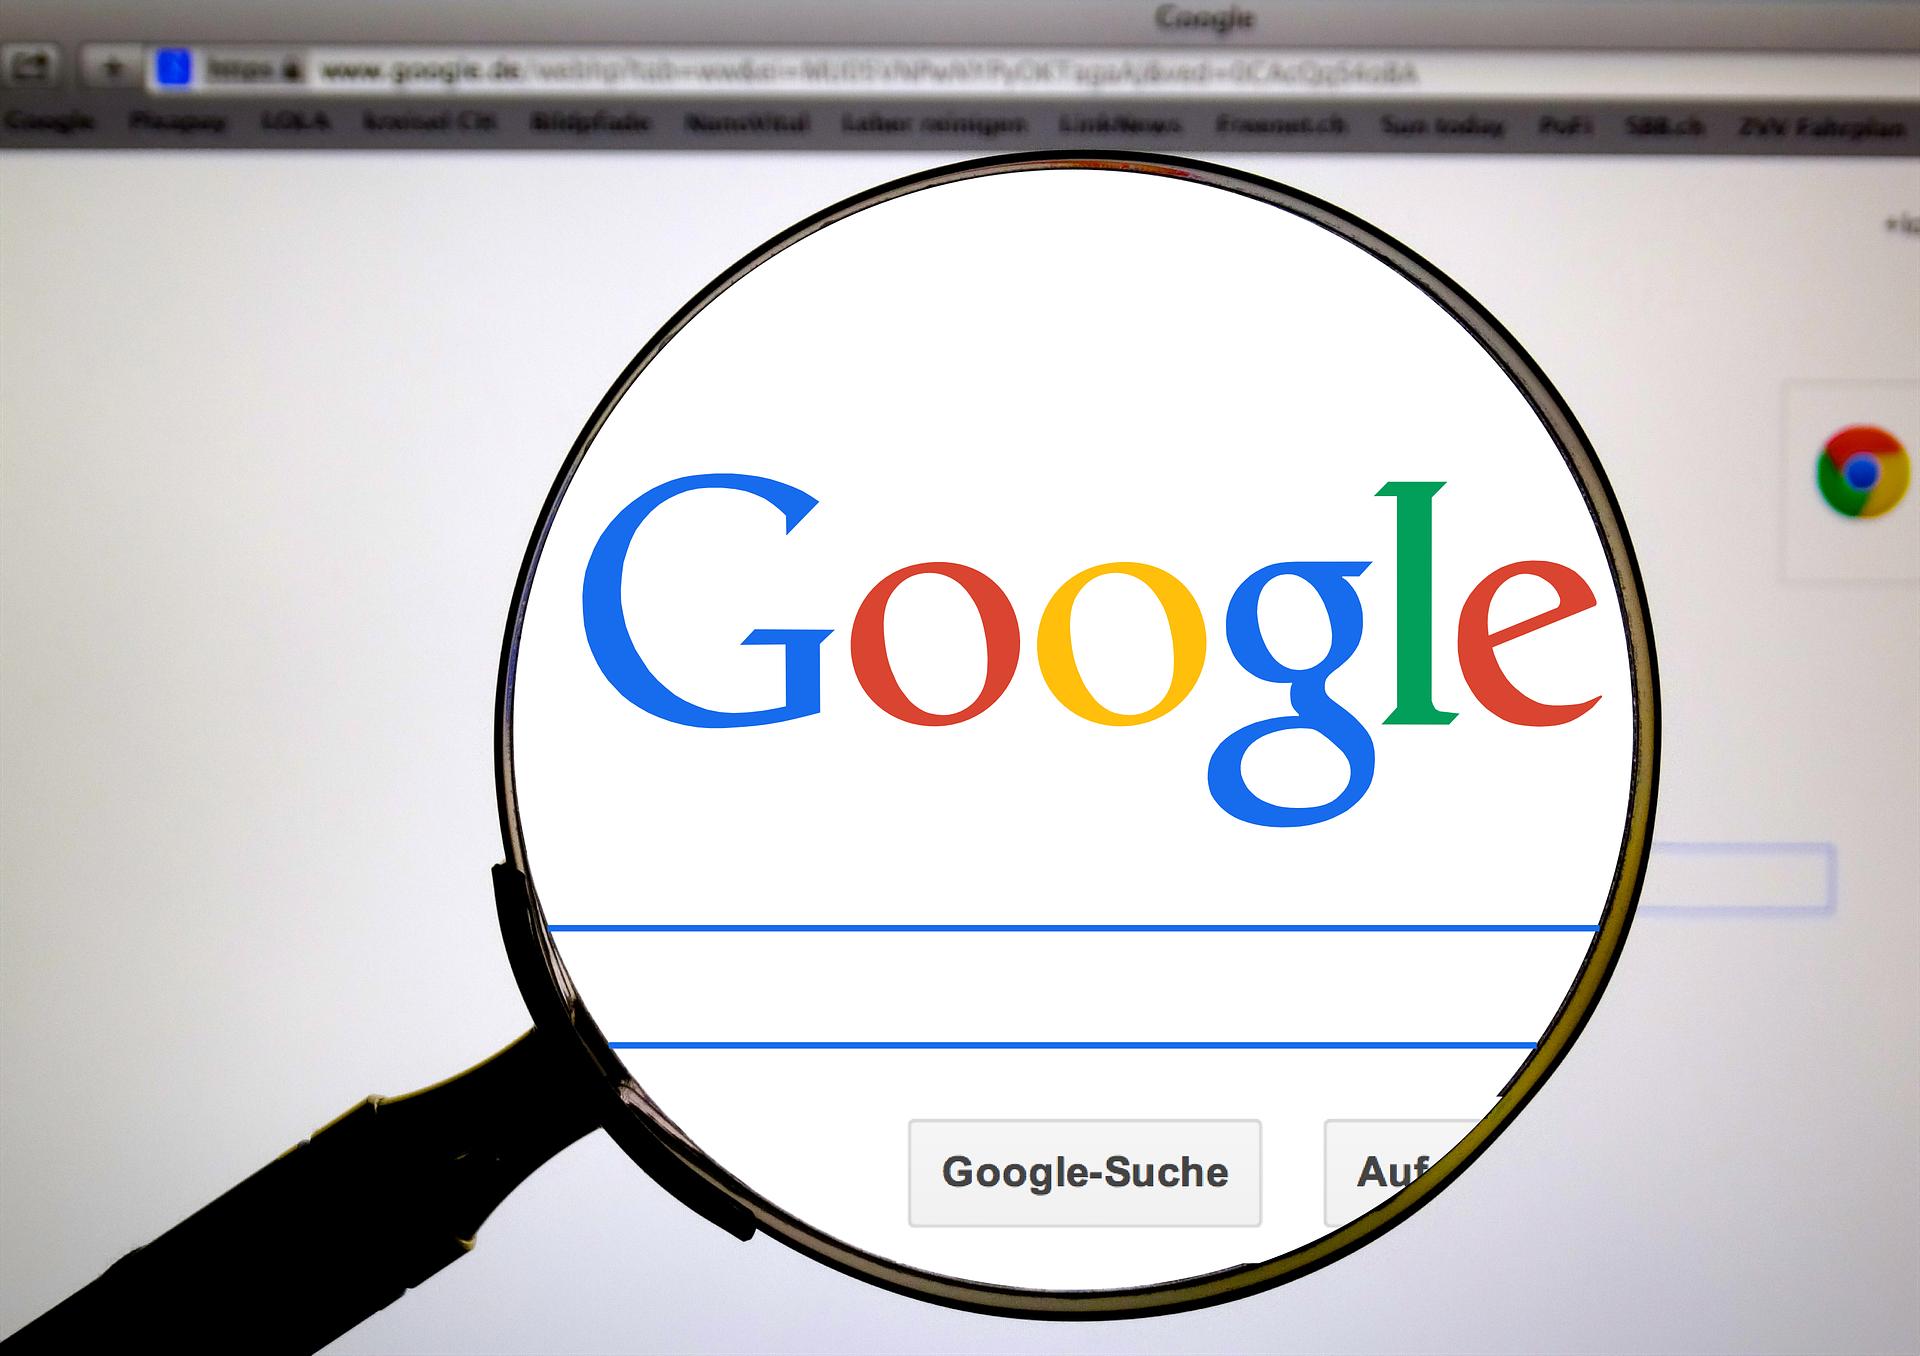 Google als Best Practice für Corporate Identity